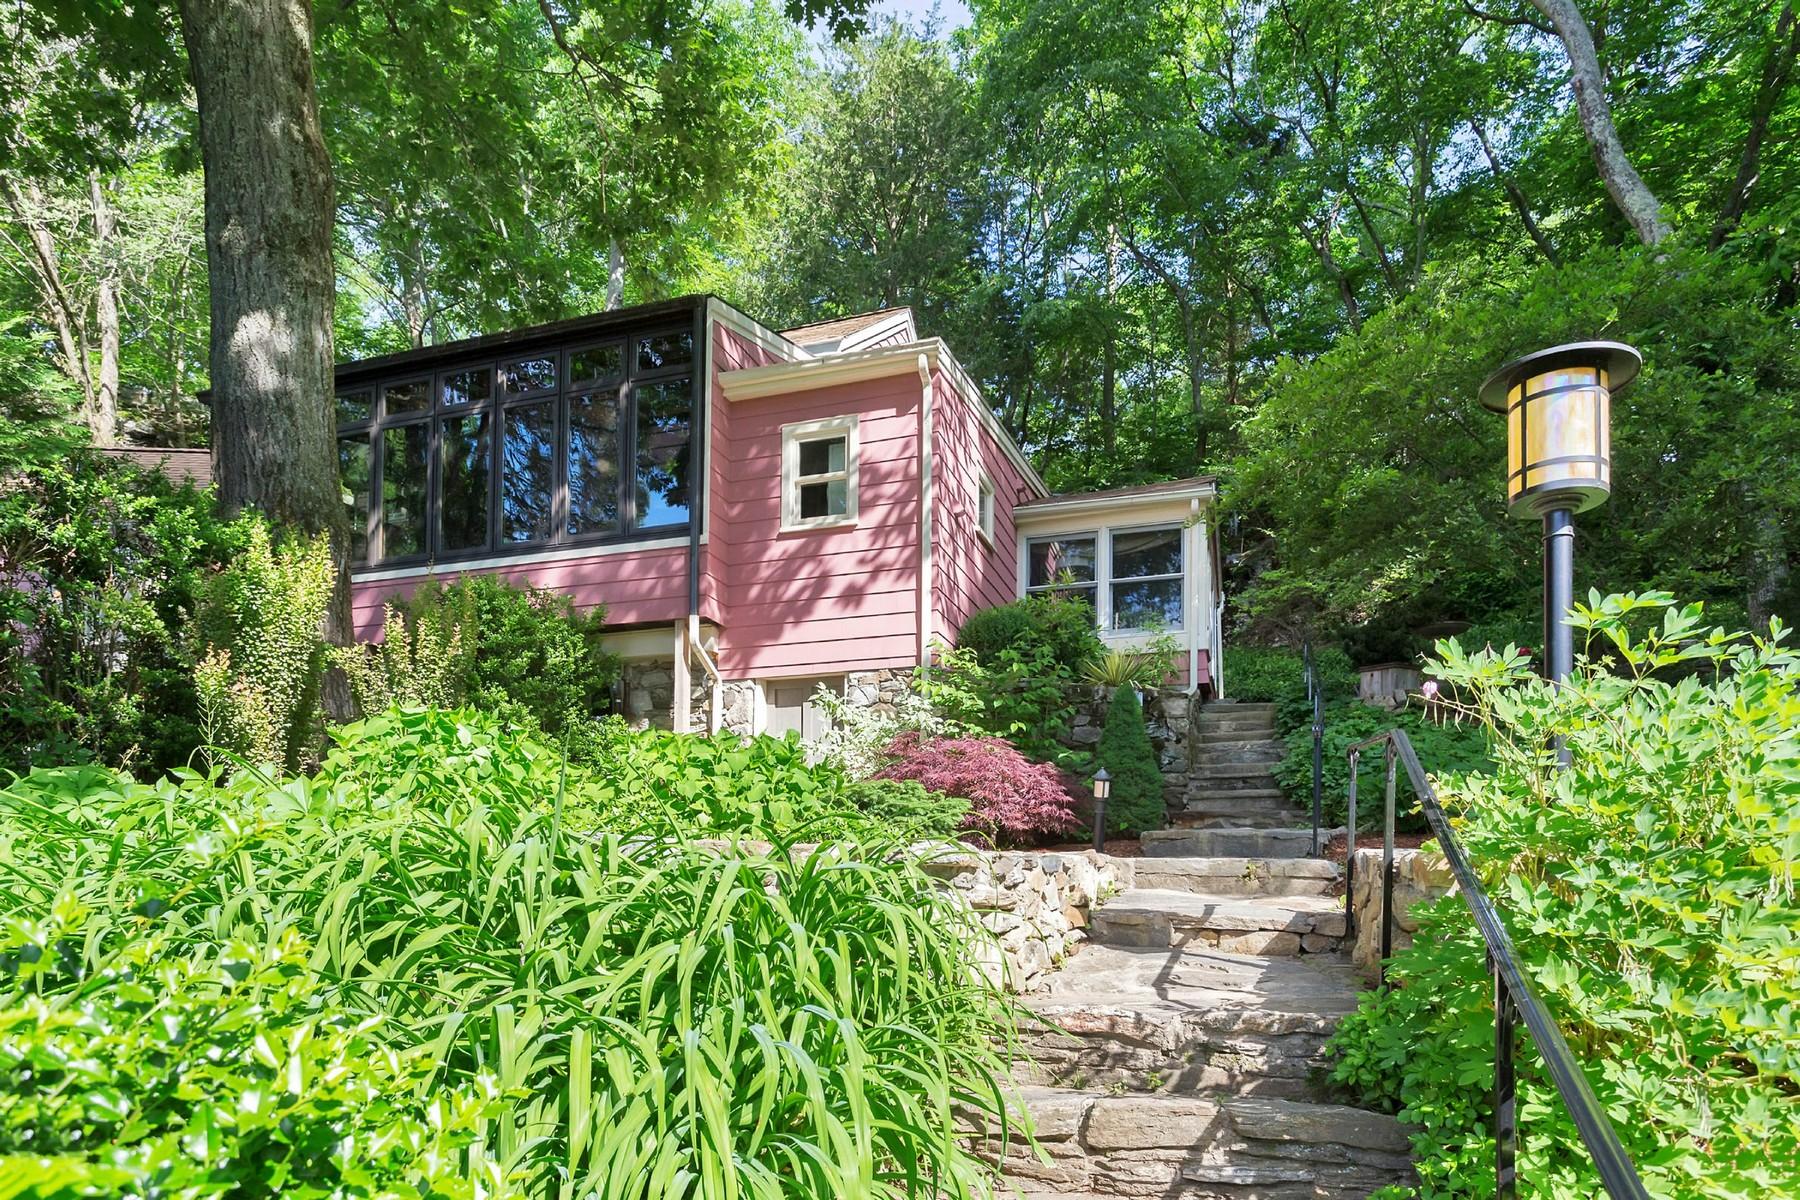 Casa Unifamiliar por un Venta en ENCHANTED ANTIQUE HIDEAWAY 54 Davis Hill Road Weston, Connecticut, 06883 Estados Unidos